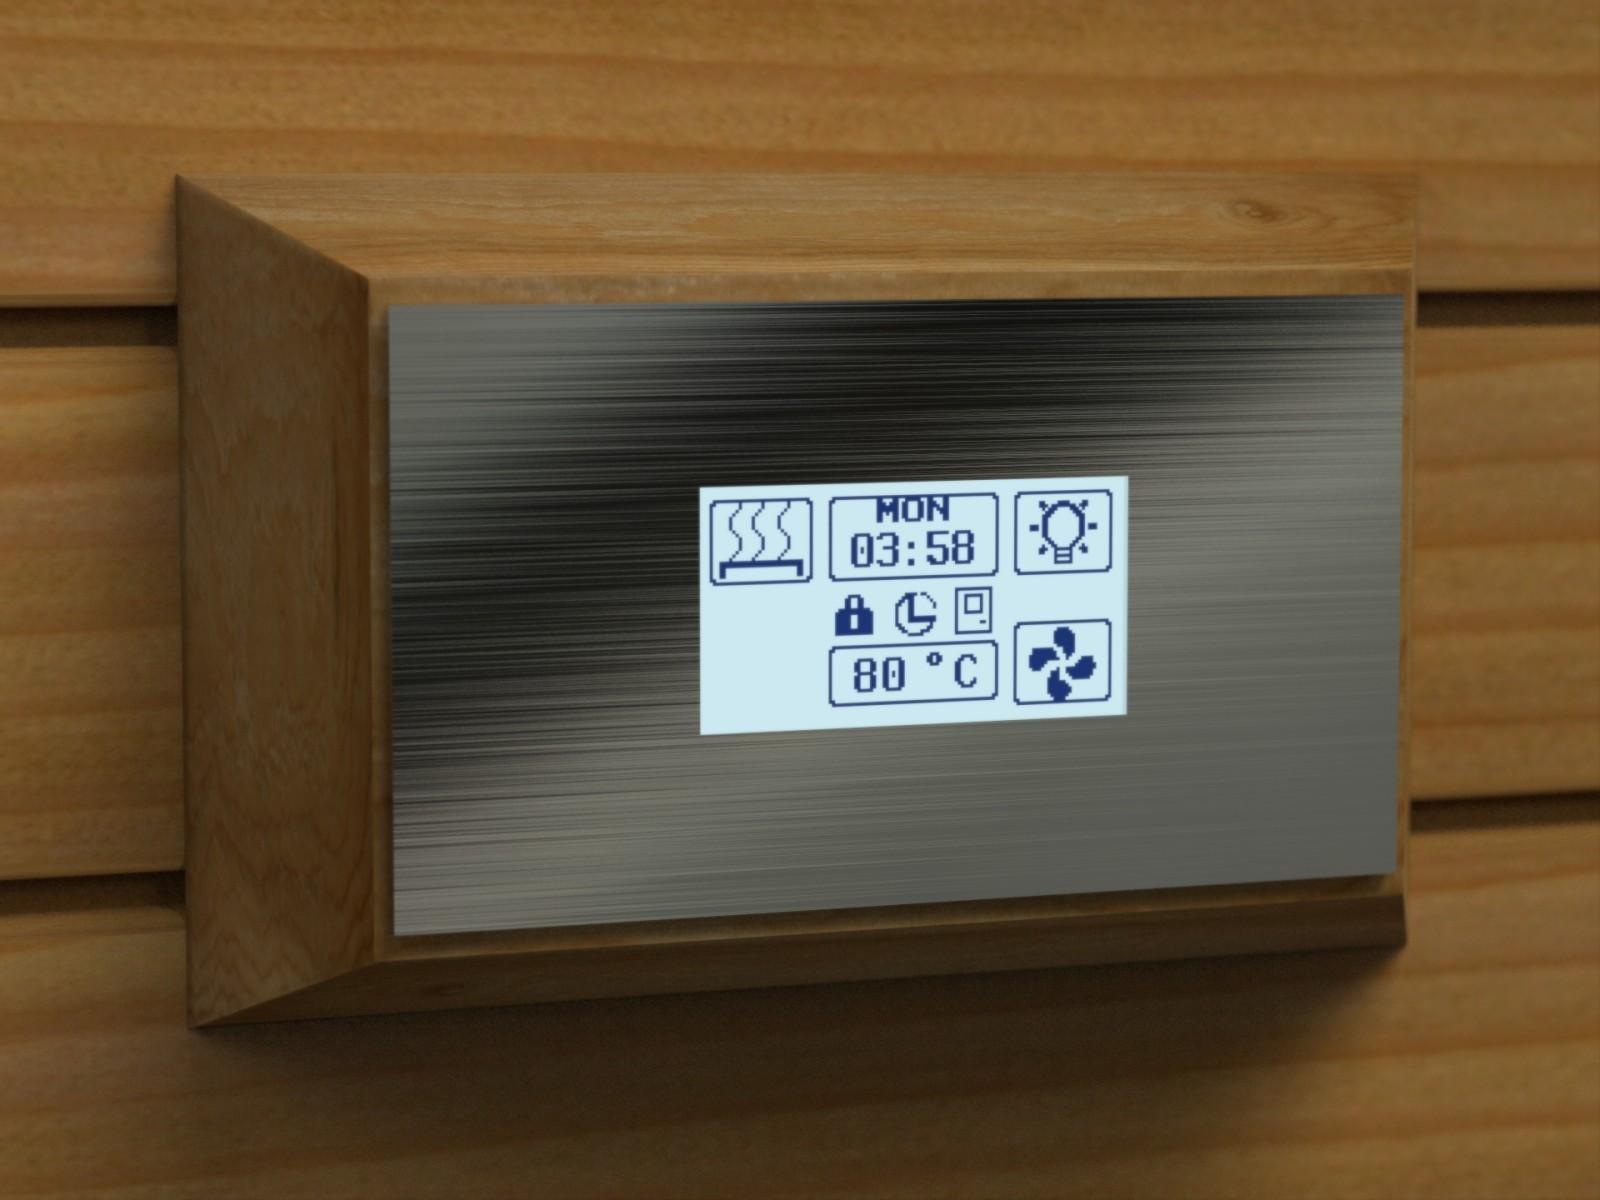 Аксессуары для бани: Держатель пульта SAWO INN-IH21-P Innova (прямоугольный) аксессуары для бани держатель пульта sawo inn ih20 p innova прямоугольный